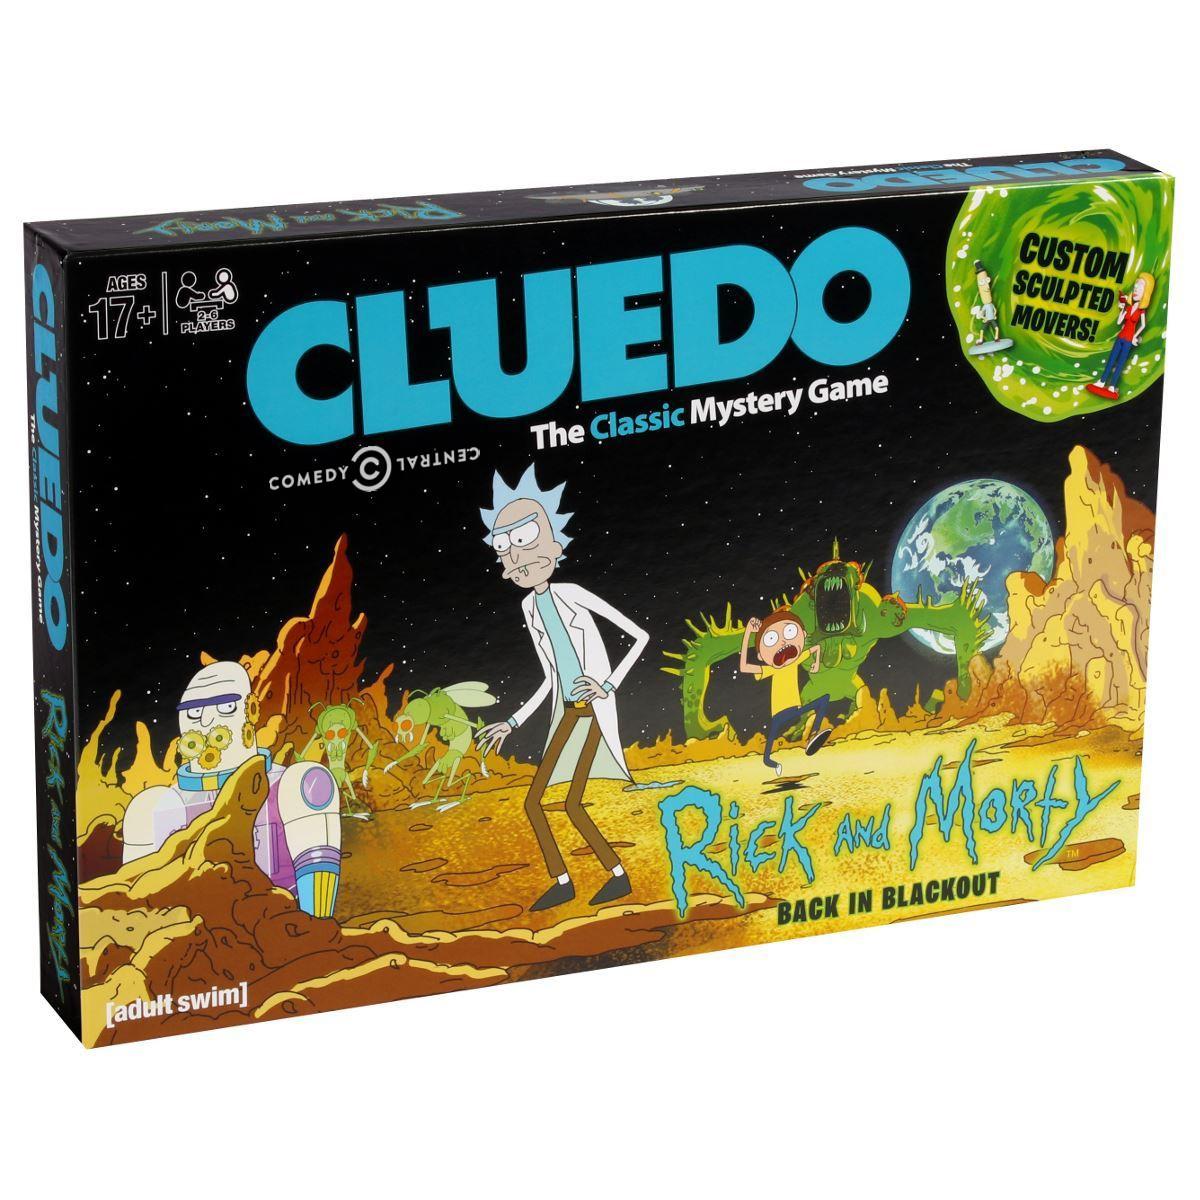 Rick and Morty Cluedo (1) logo